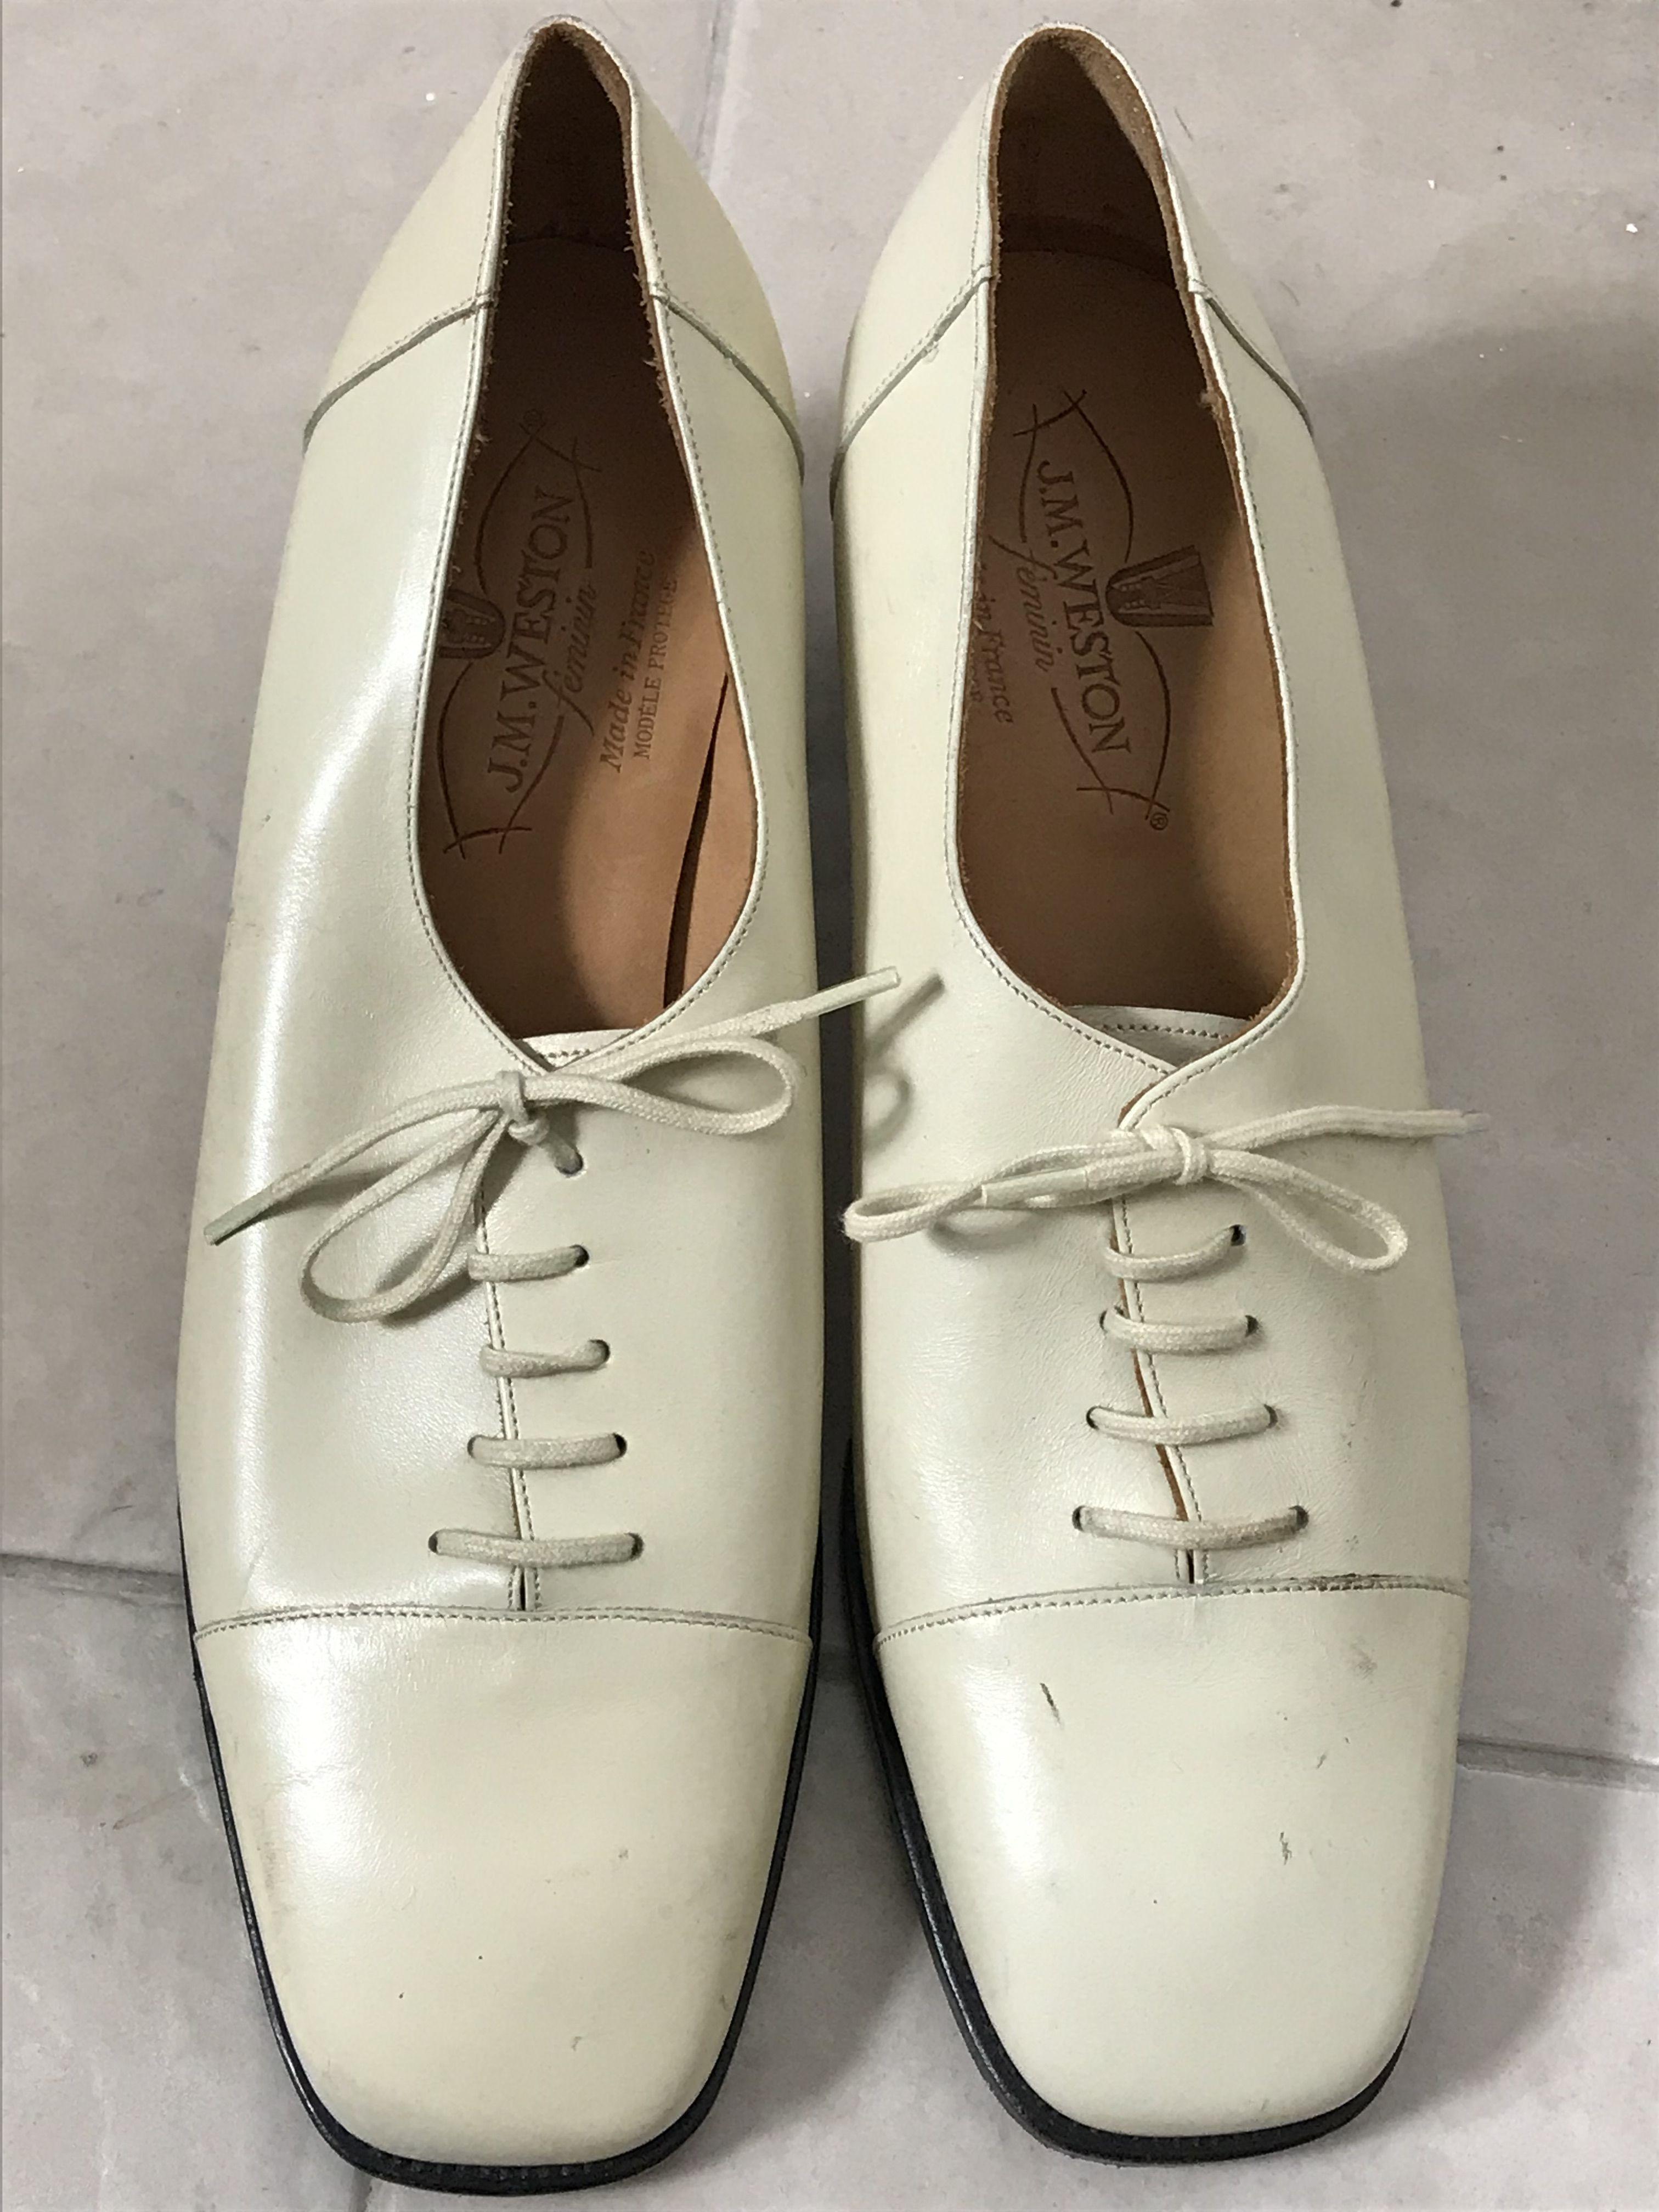 Accessoires - Chaussures J. M. Weston